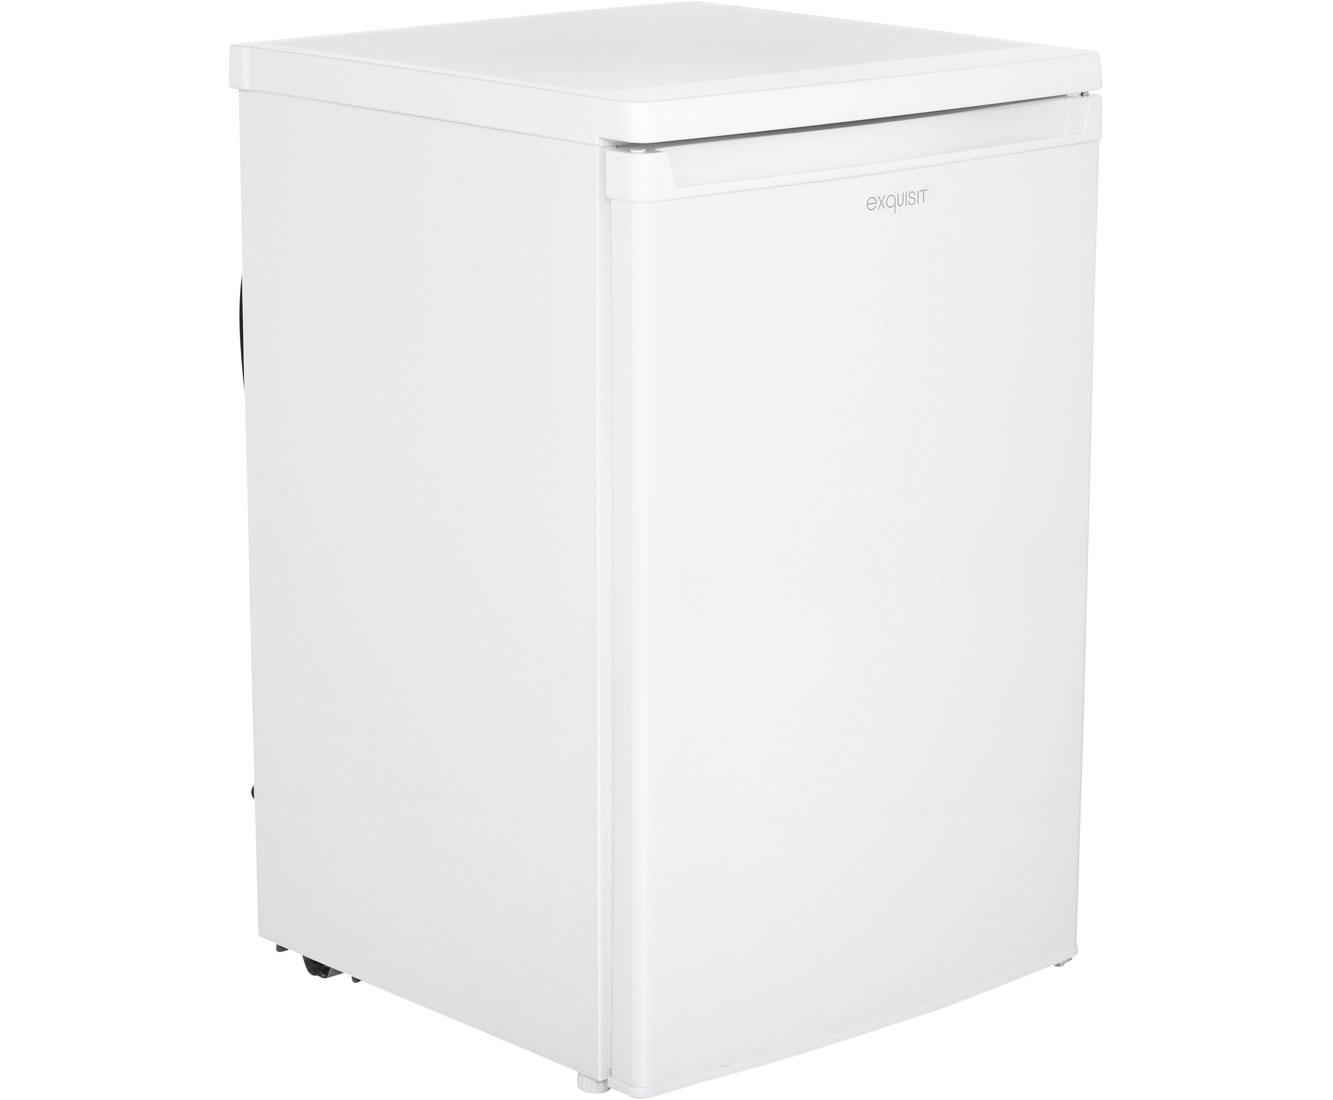 Aeg Kühlschrank Zu Laut : Aeg kühlschrank zu laut kühlschrank zu verschenken ebay